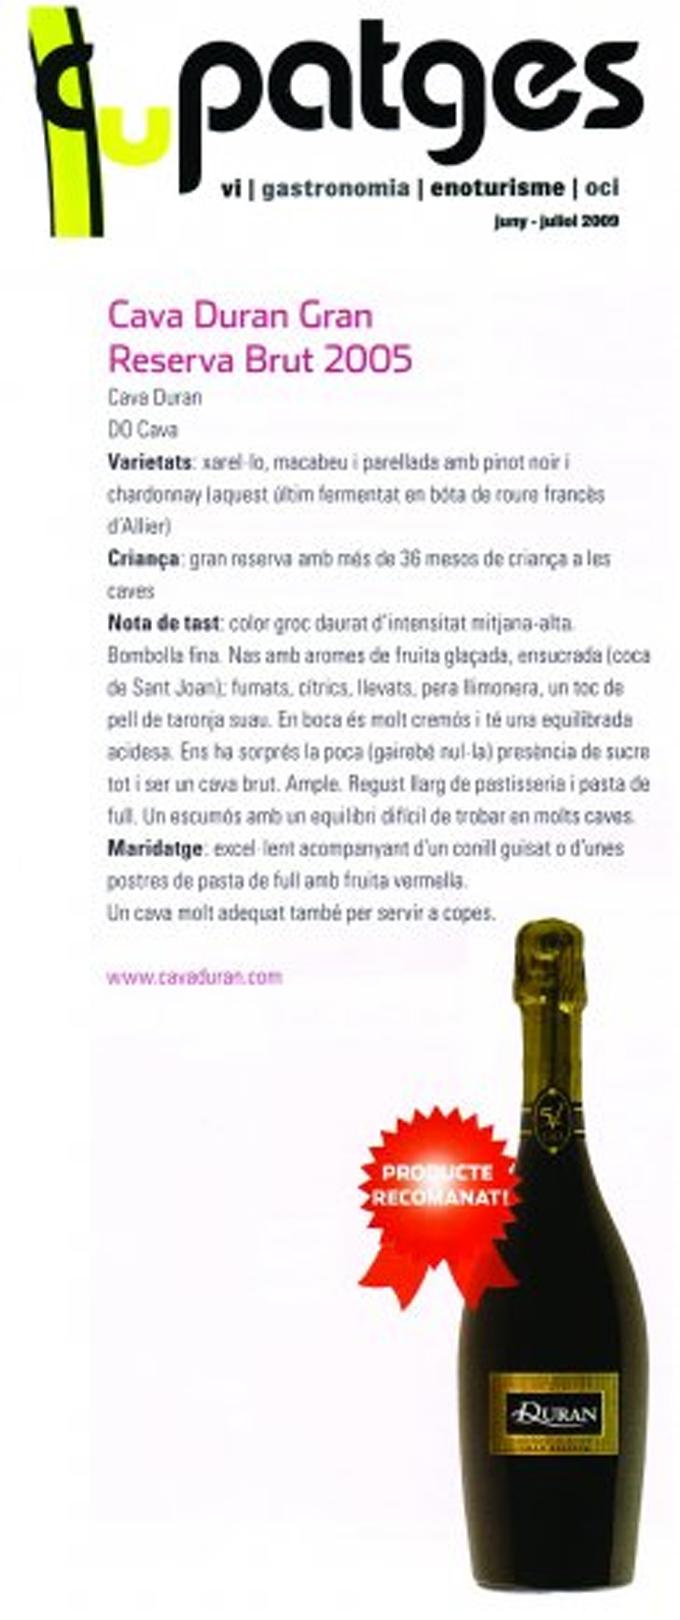 Cupatges - Duran 5V Gran Reserva - Juny 2009